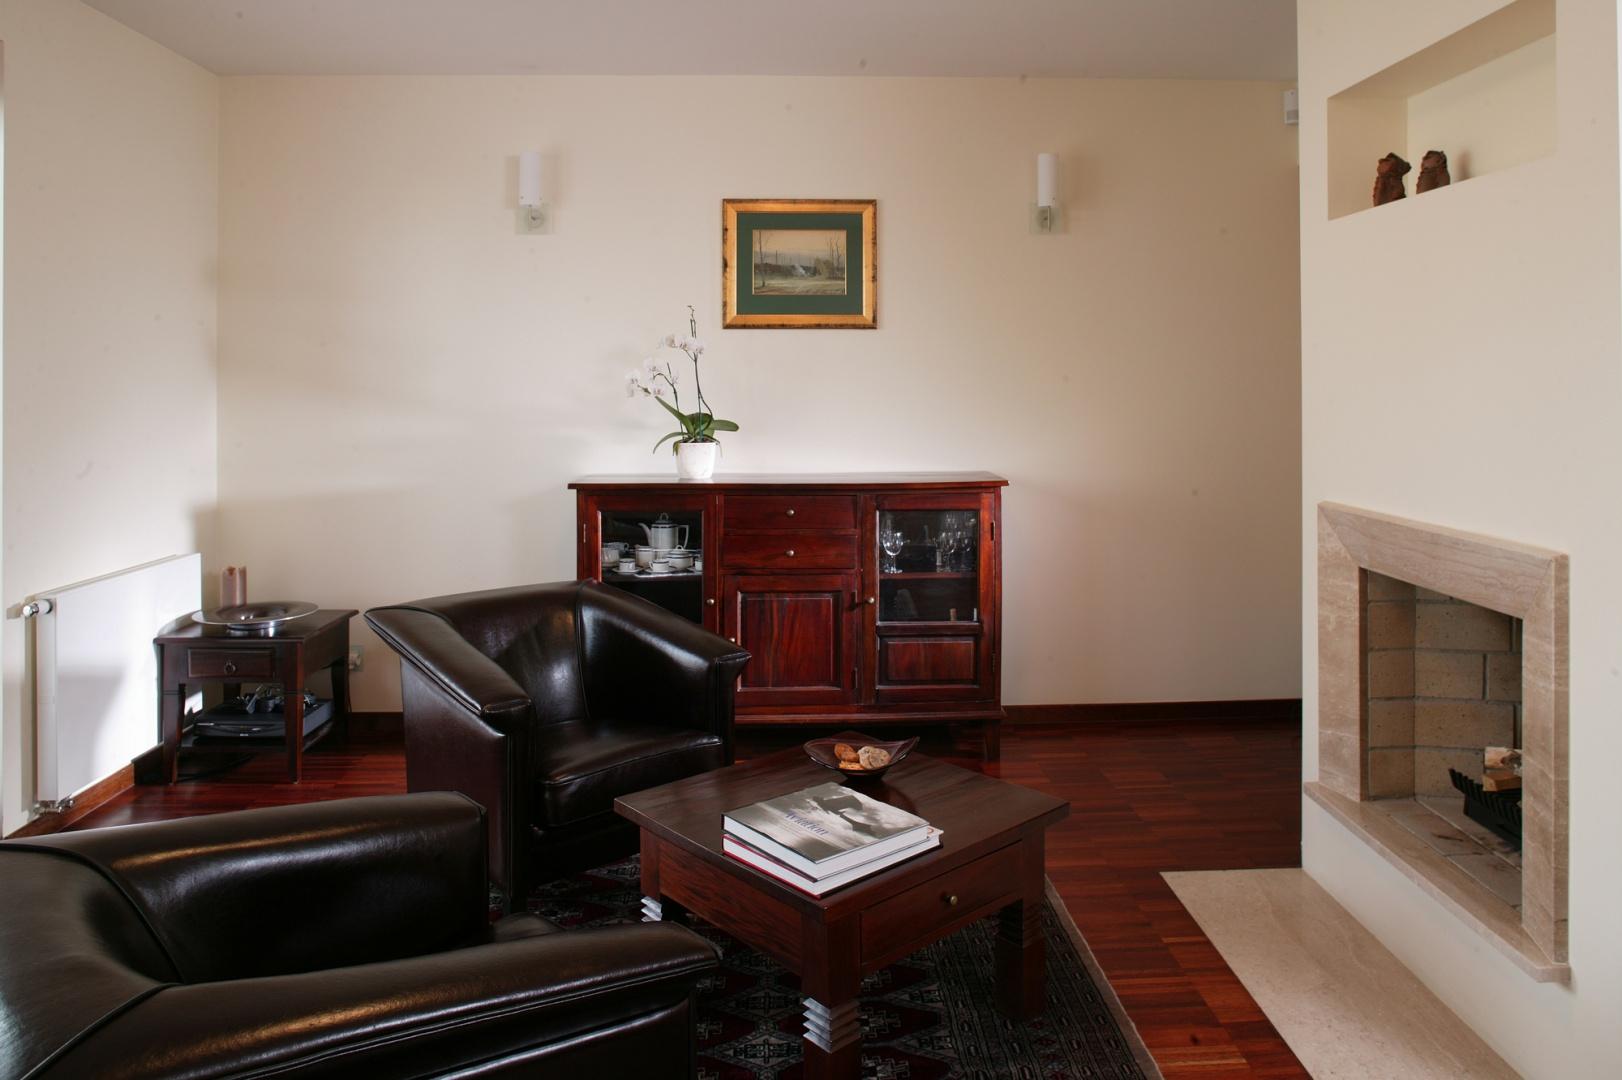 Salon górny spełnia funkcje reprezentacyjne. Kominek nie jest zbyt dekoracyjny, natomiast meble - tapicerowane skórą fotele oraz stylowa komoda i narożny stolik - wprowadzają do wnętrza oficjalny ton. Fot. Tomek Markowski.